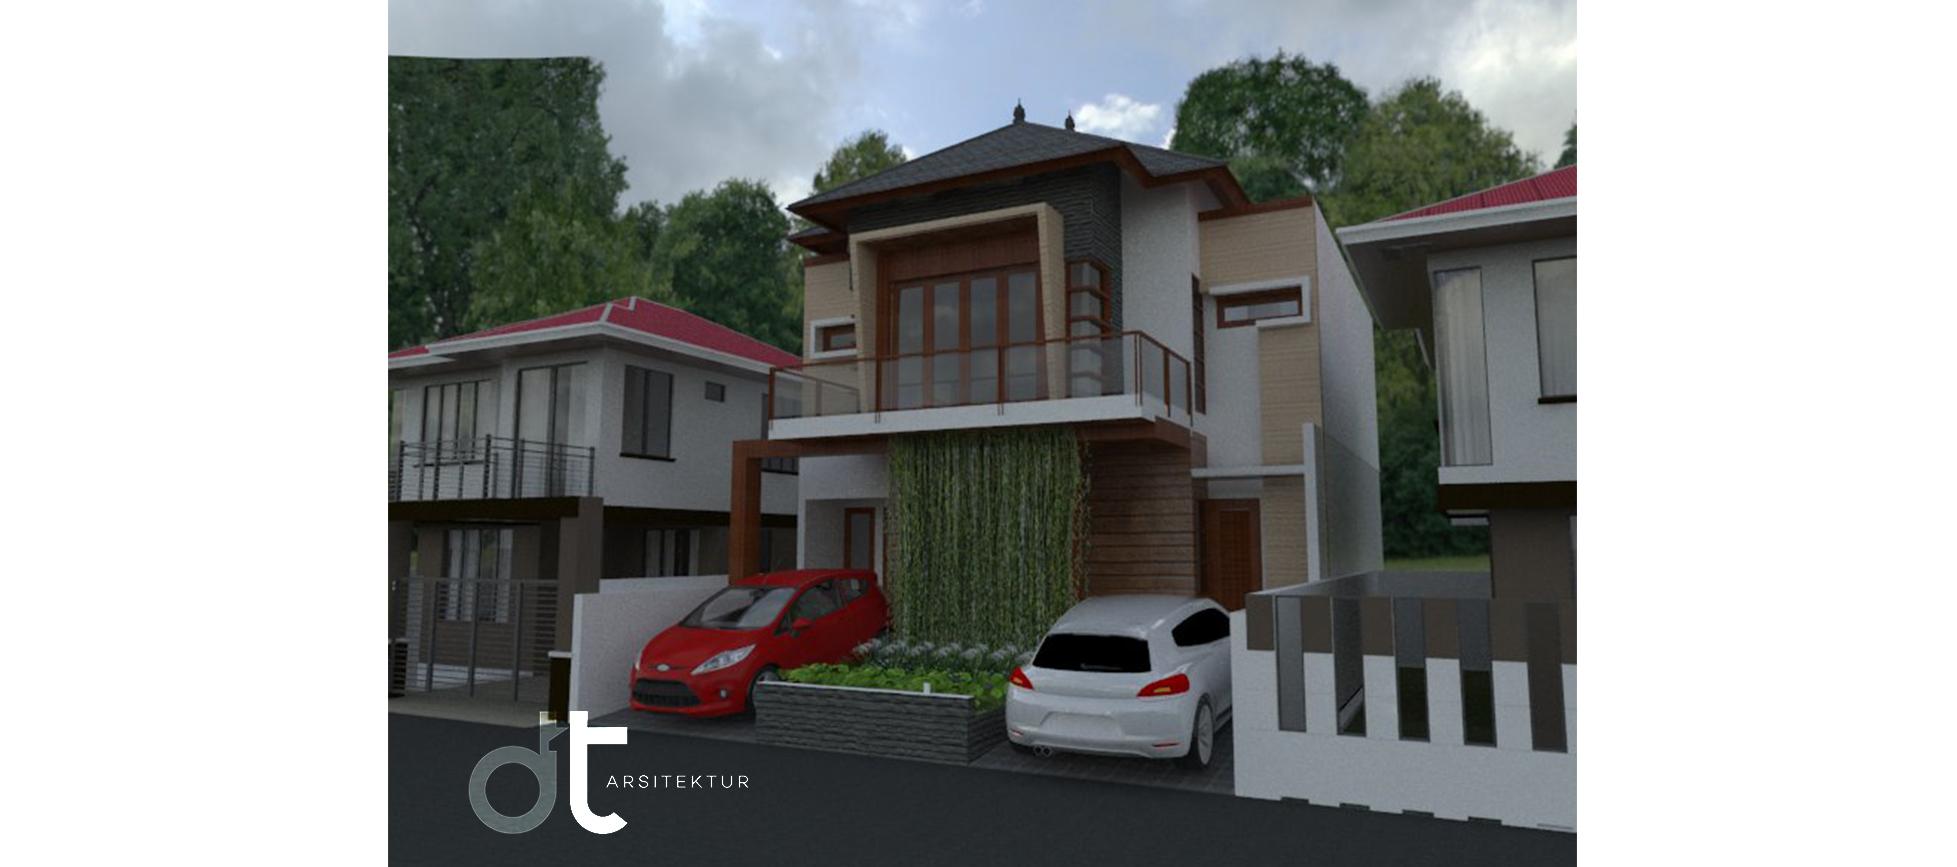 Arsitek Pelaksanaan Pembangunan Rumah Jakarta Barat